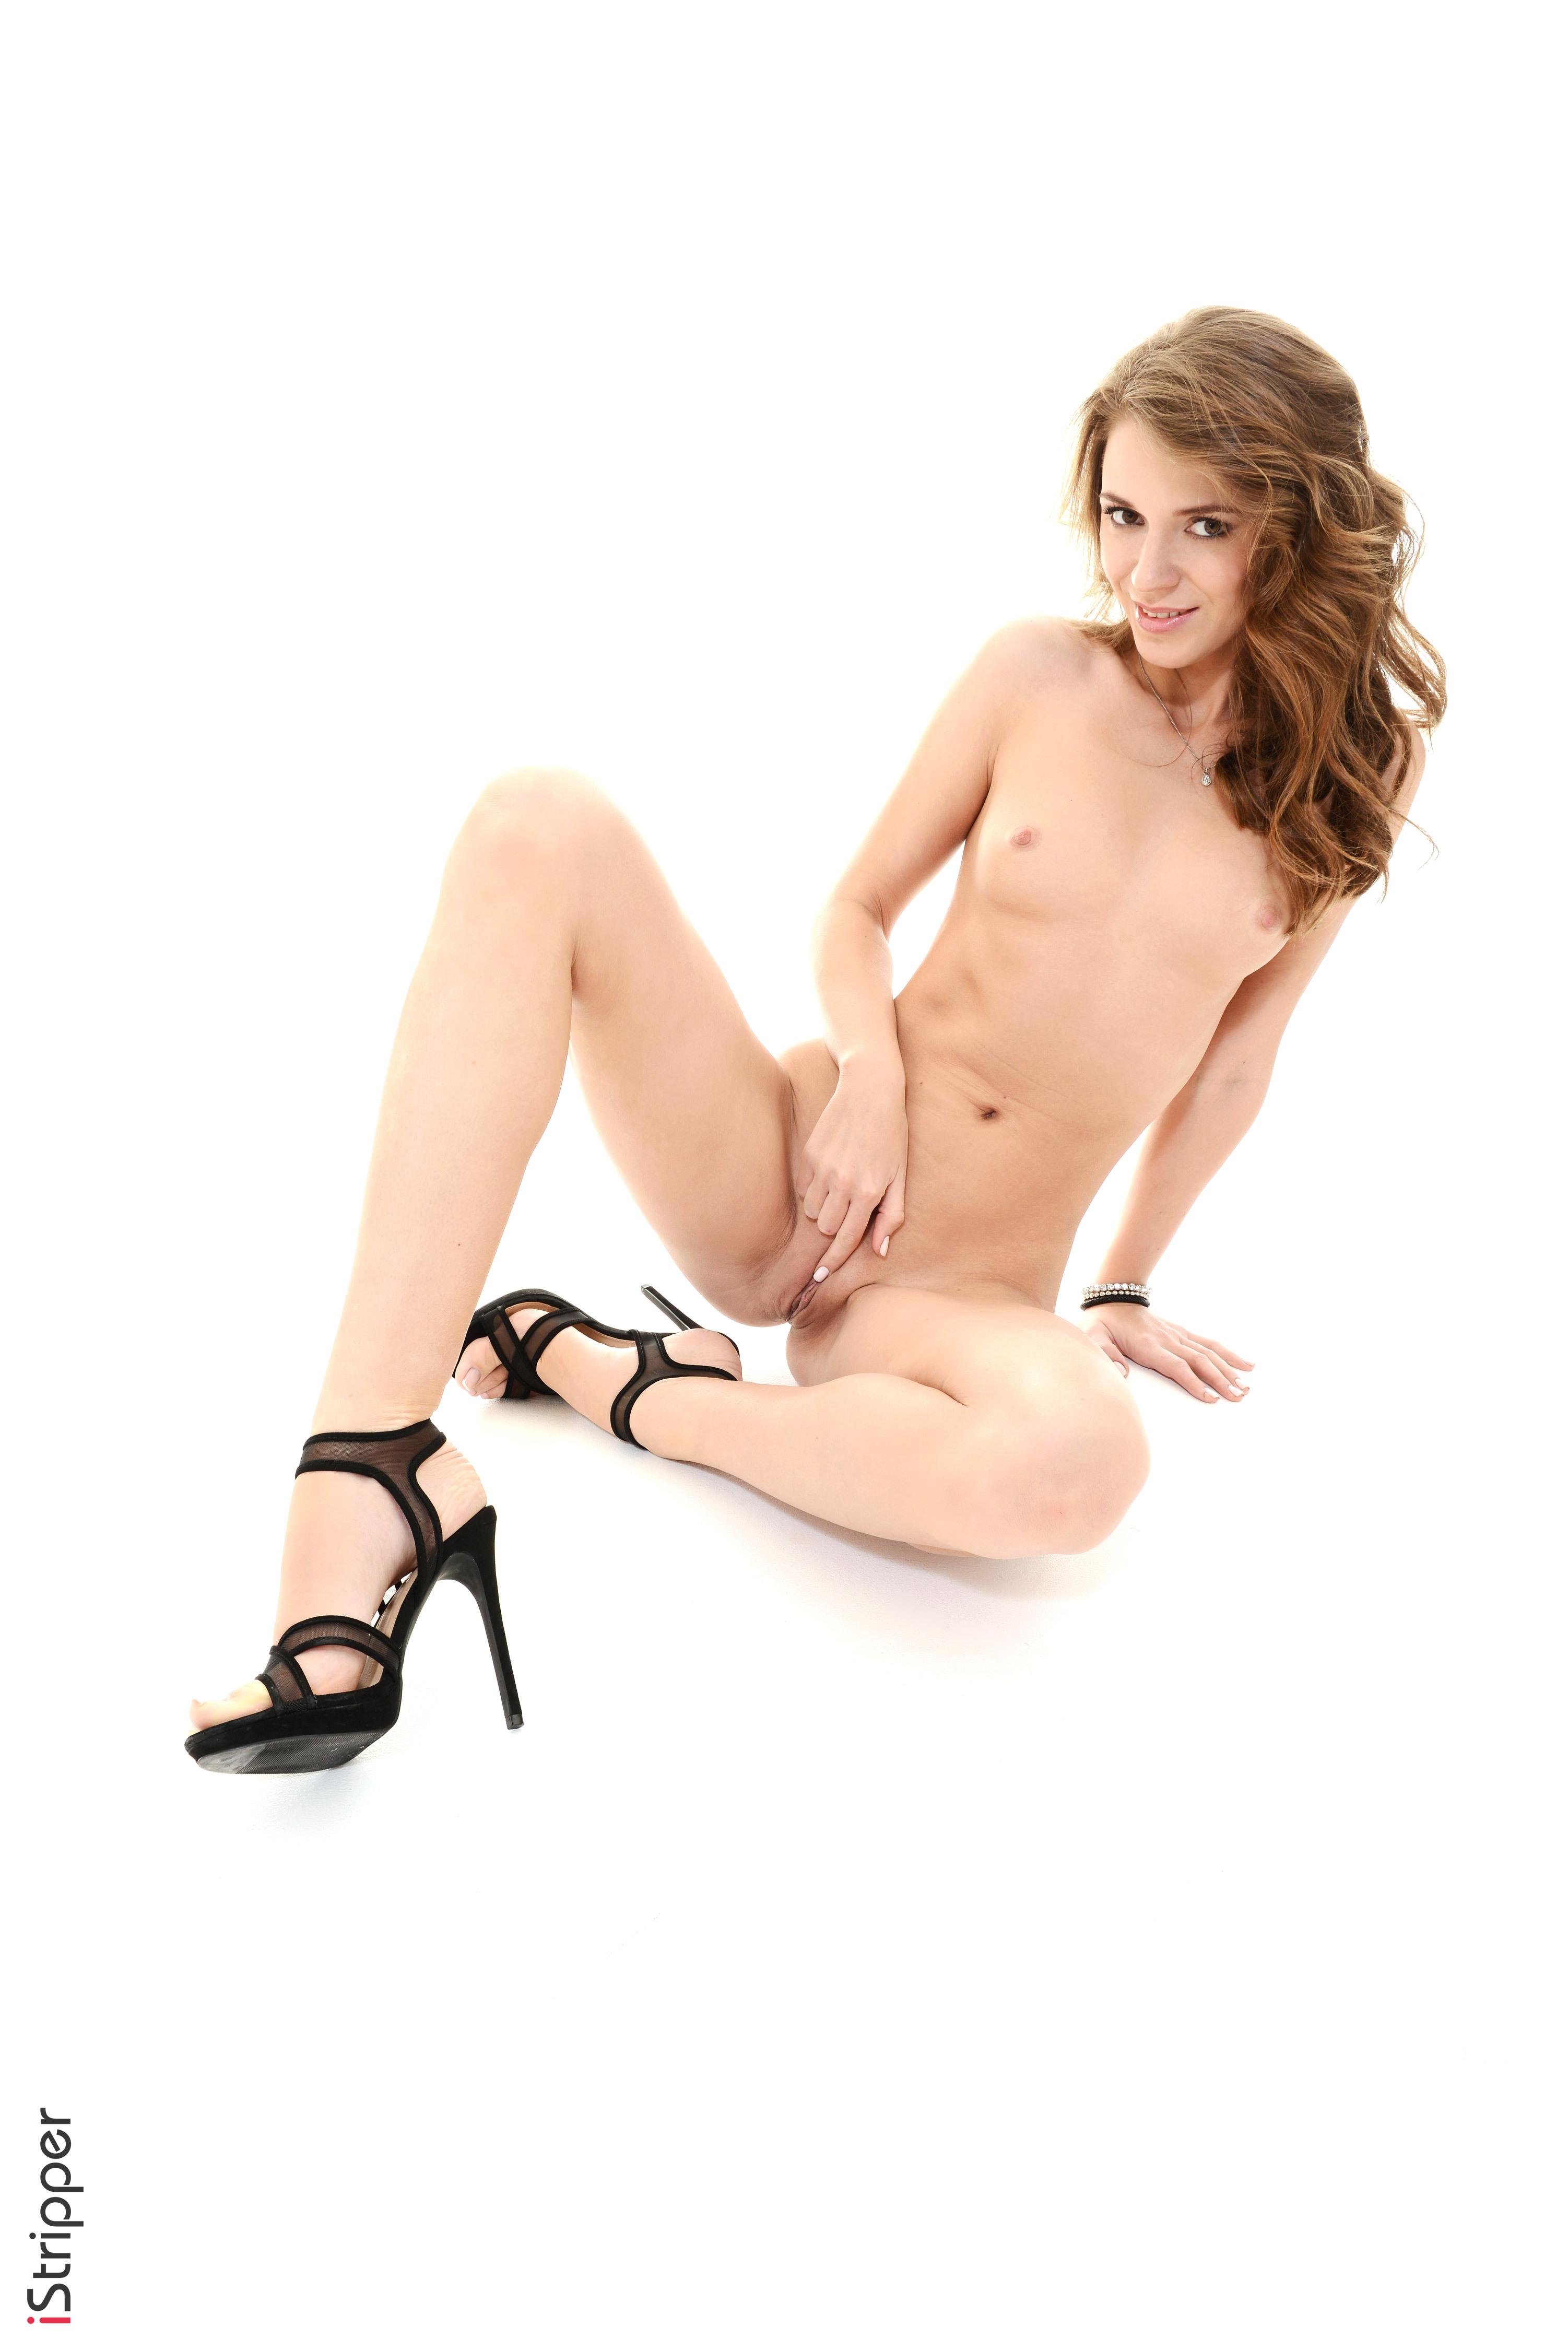 girls stripping slowly